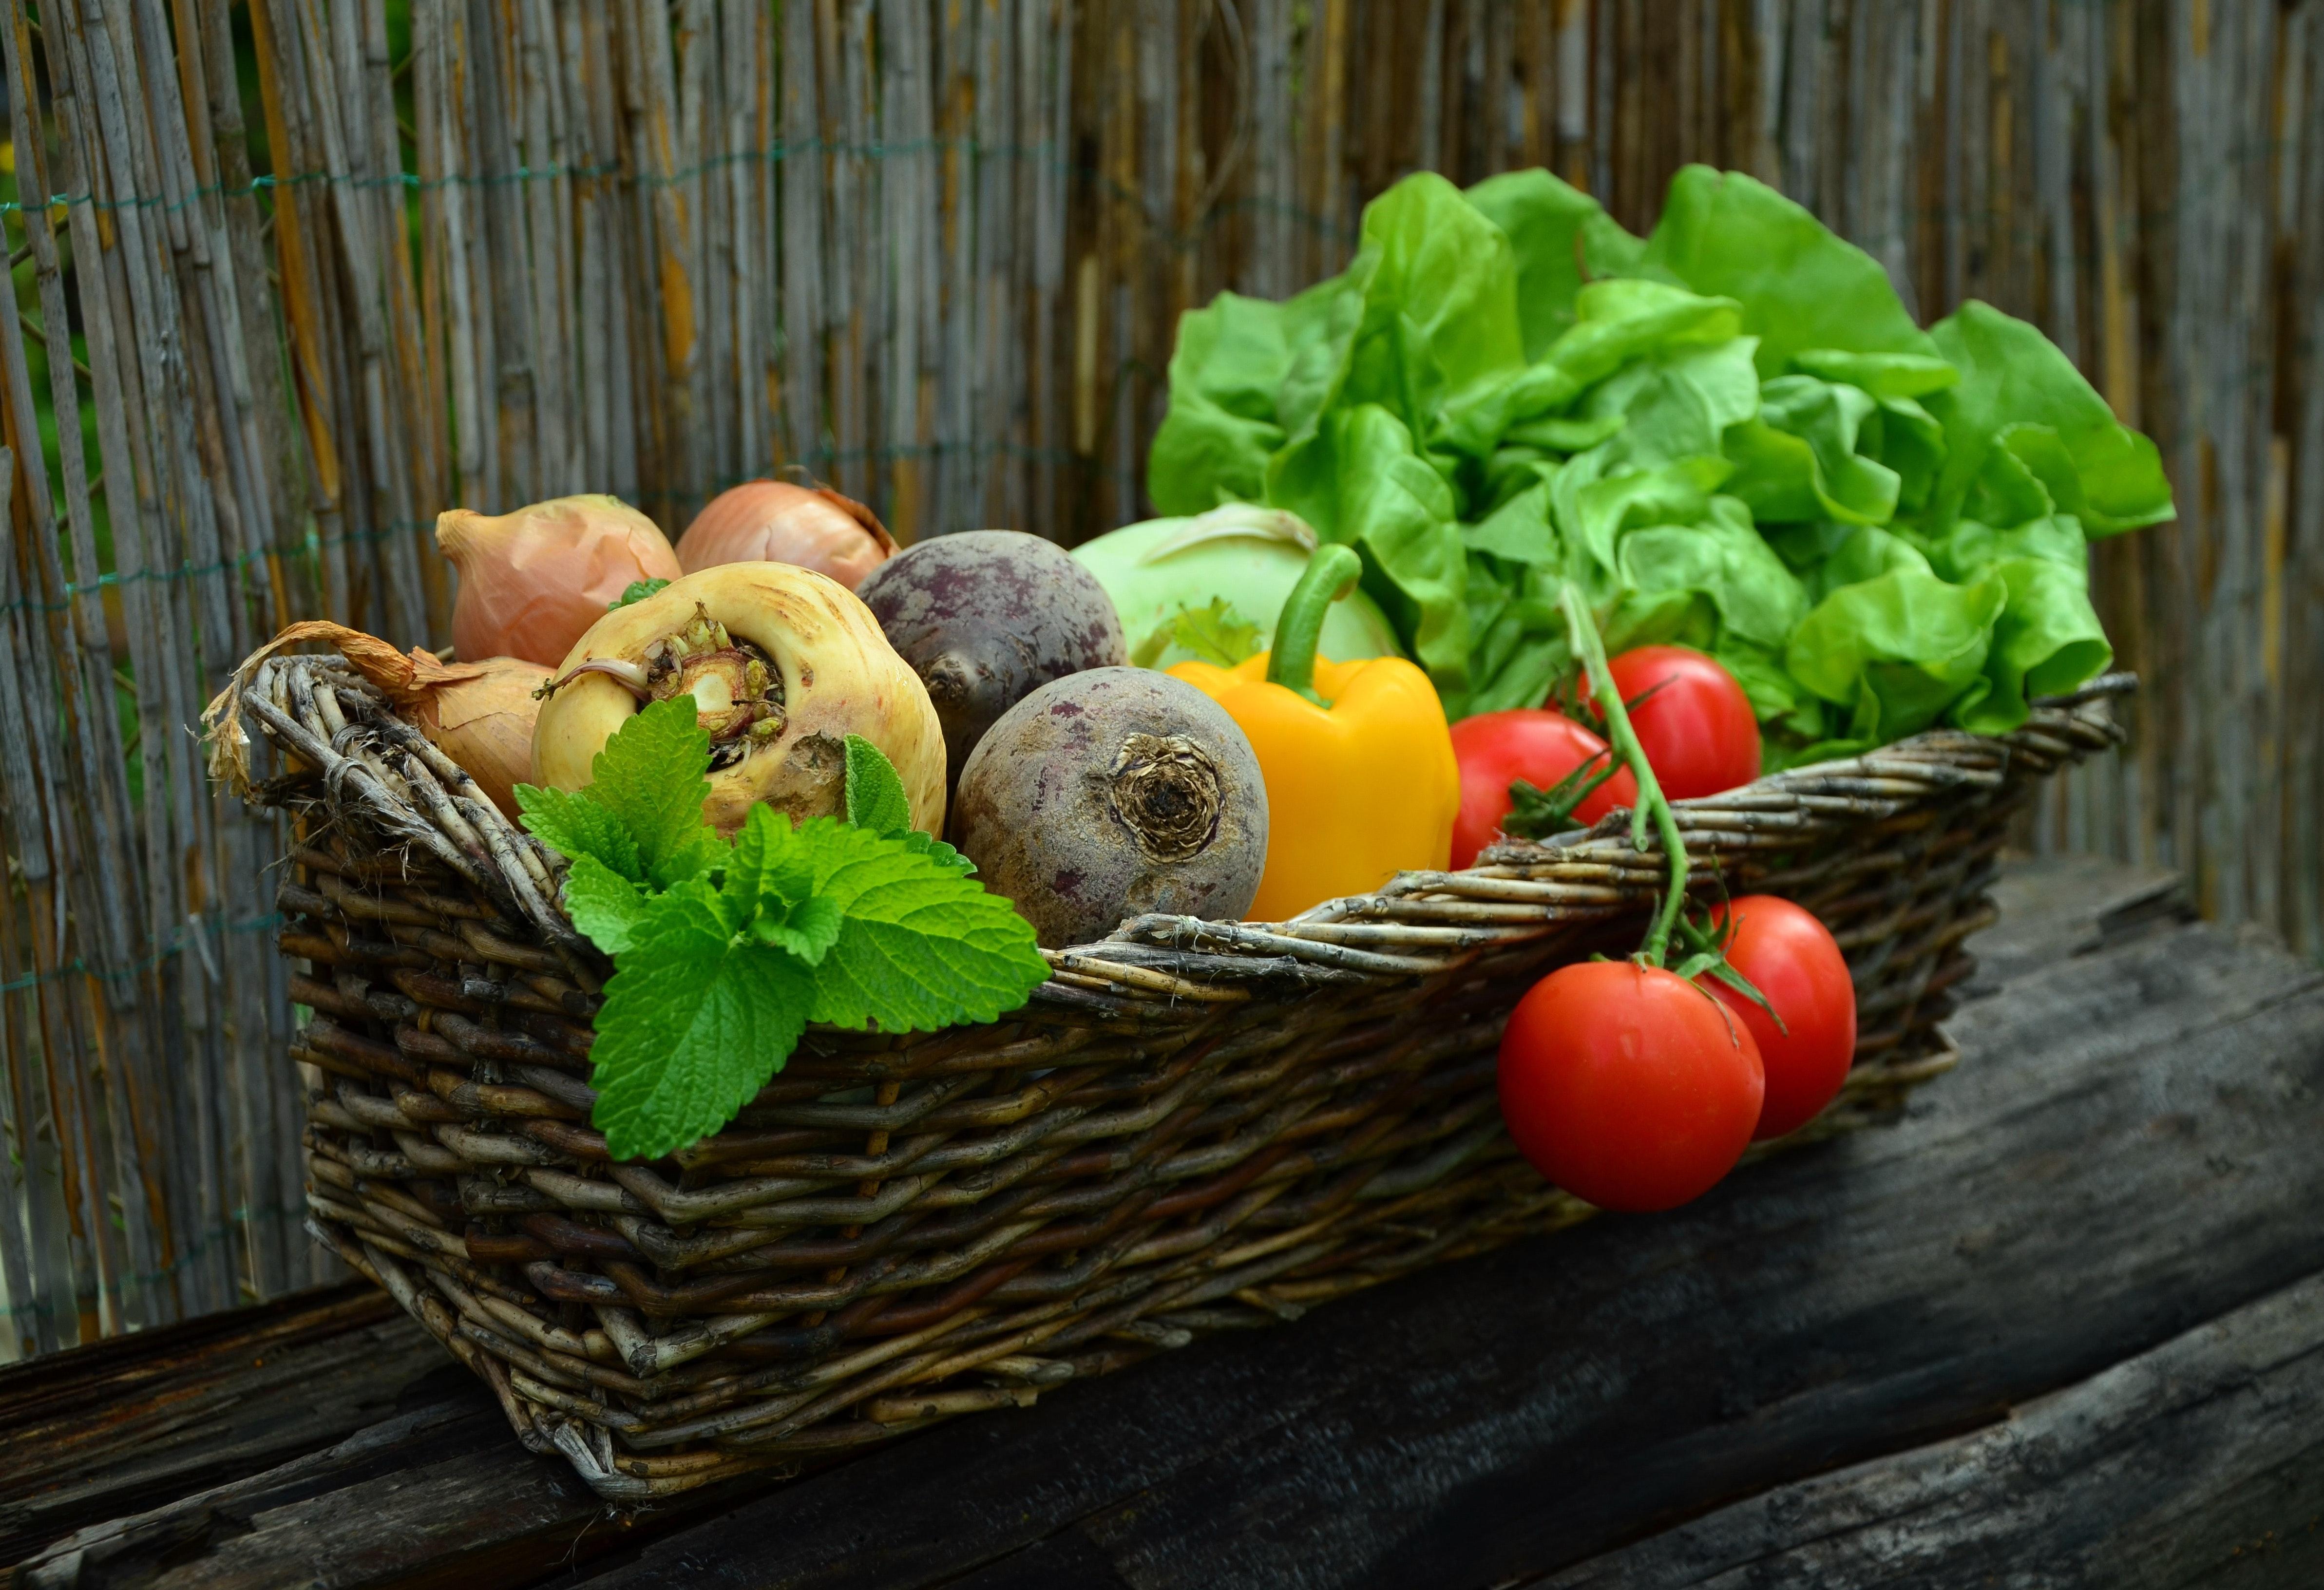 basket-food-fresh-36740